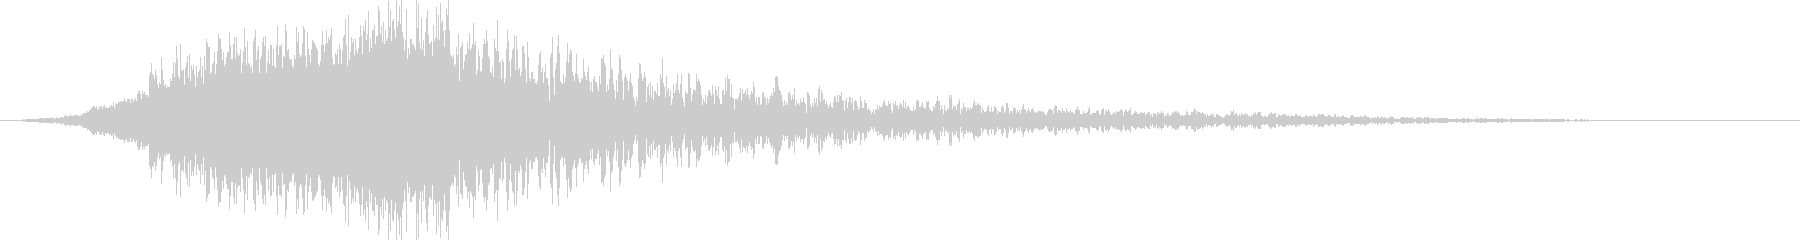 バーン:オープニングロゴなどの締めの音6の未再生の波形